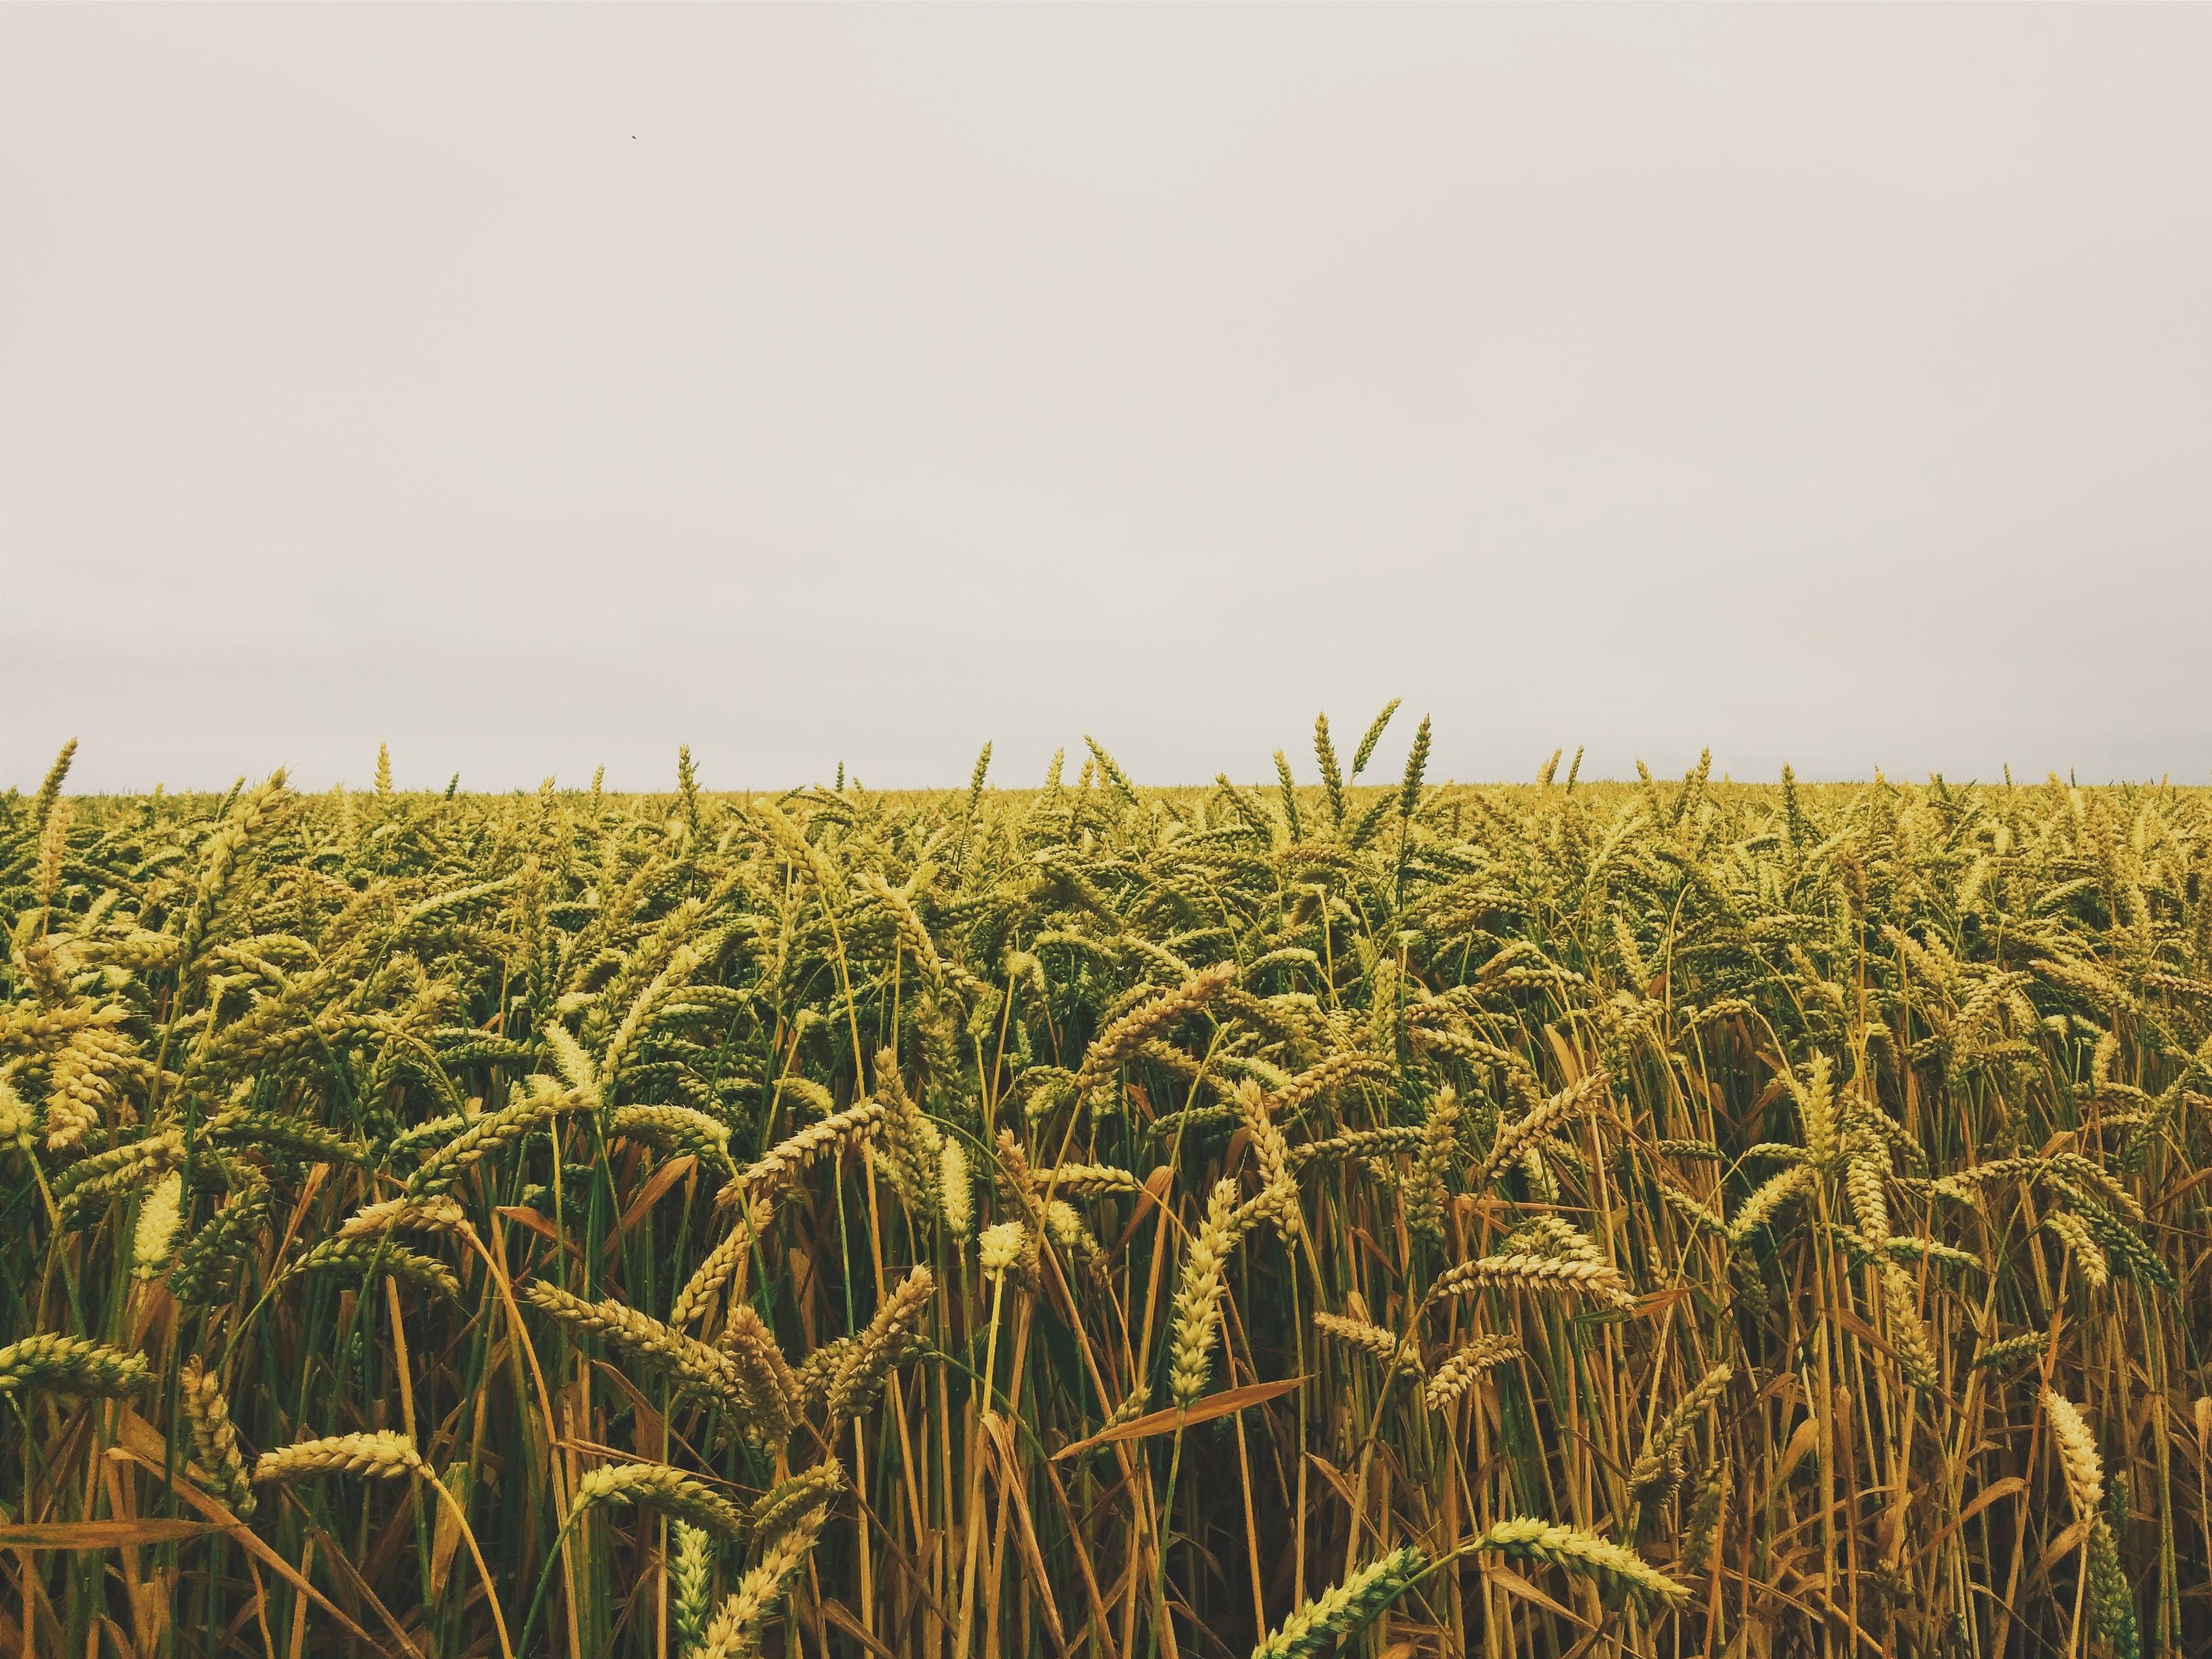 Wheat Field Under Gray Sky